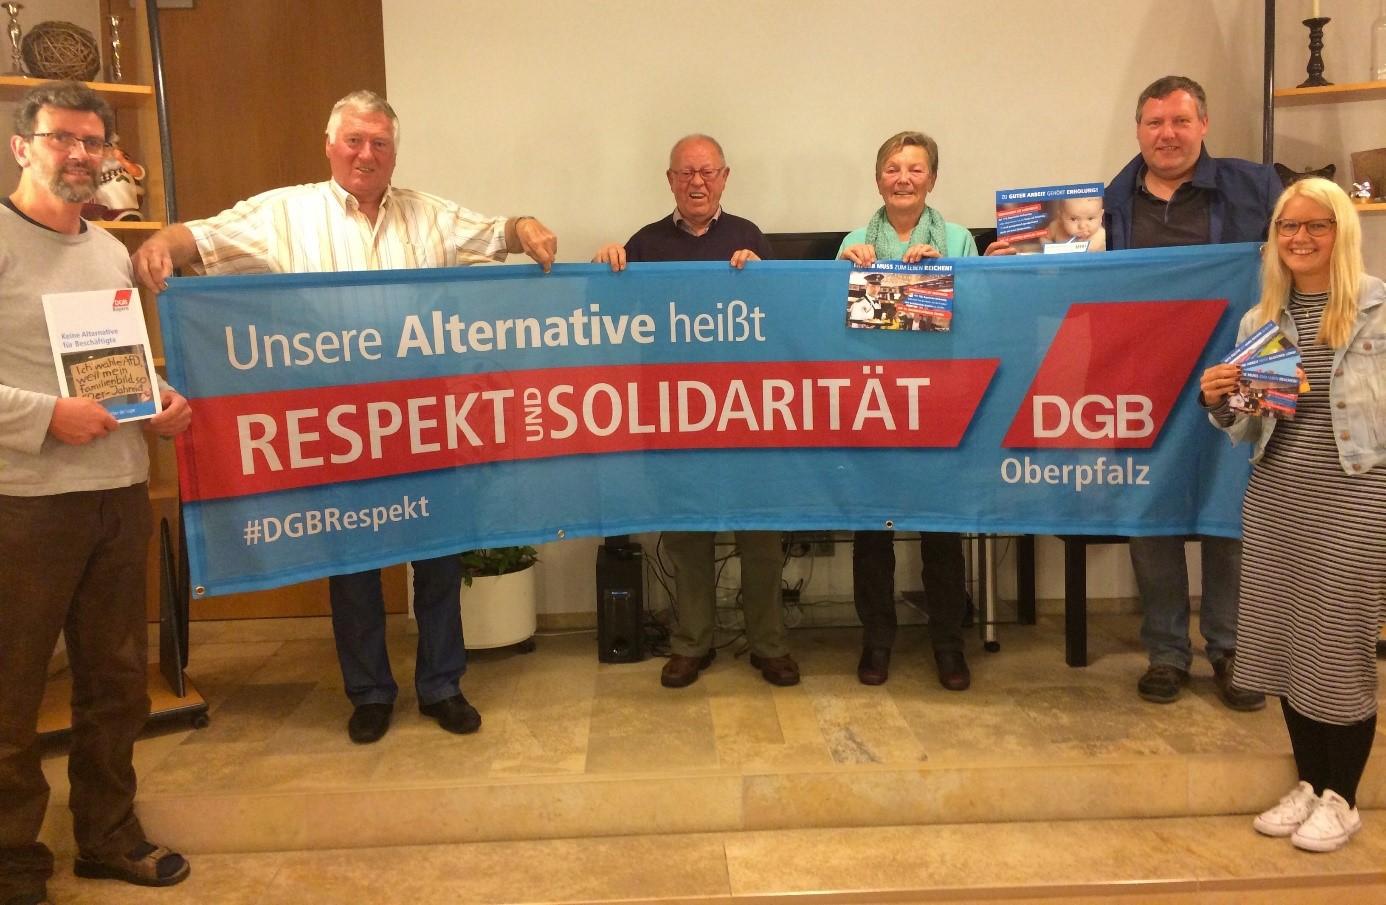 Das DGB Ortskartell Burglengenfeld zeigt deutlich: Unsere Alternative heißt Respekt und Solidarität.